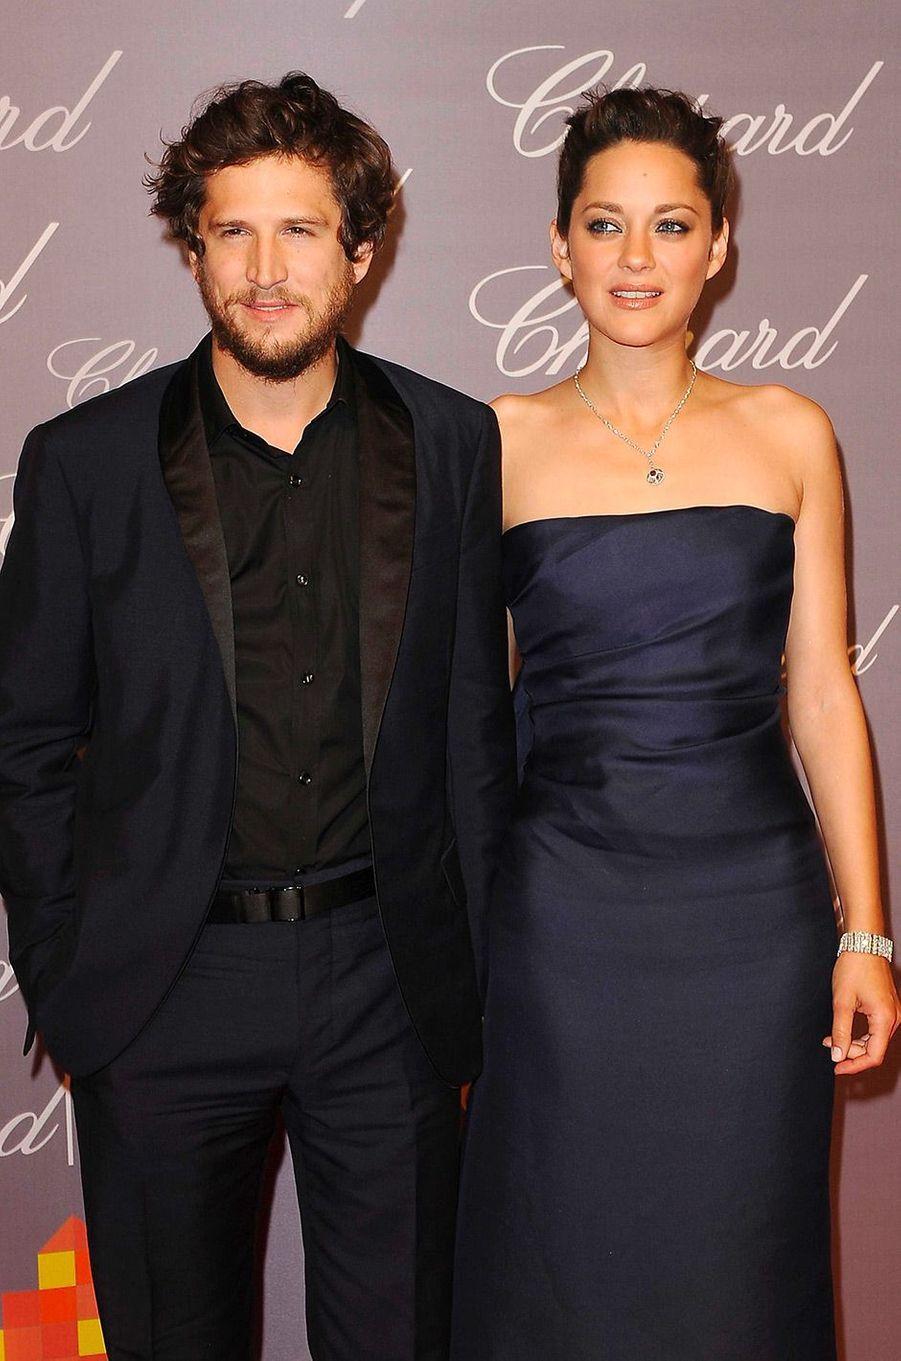 Marion Cotillard et Guillaume Canet en mai 2009